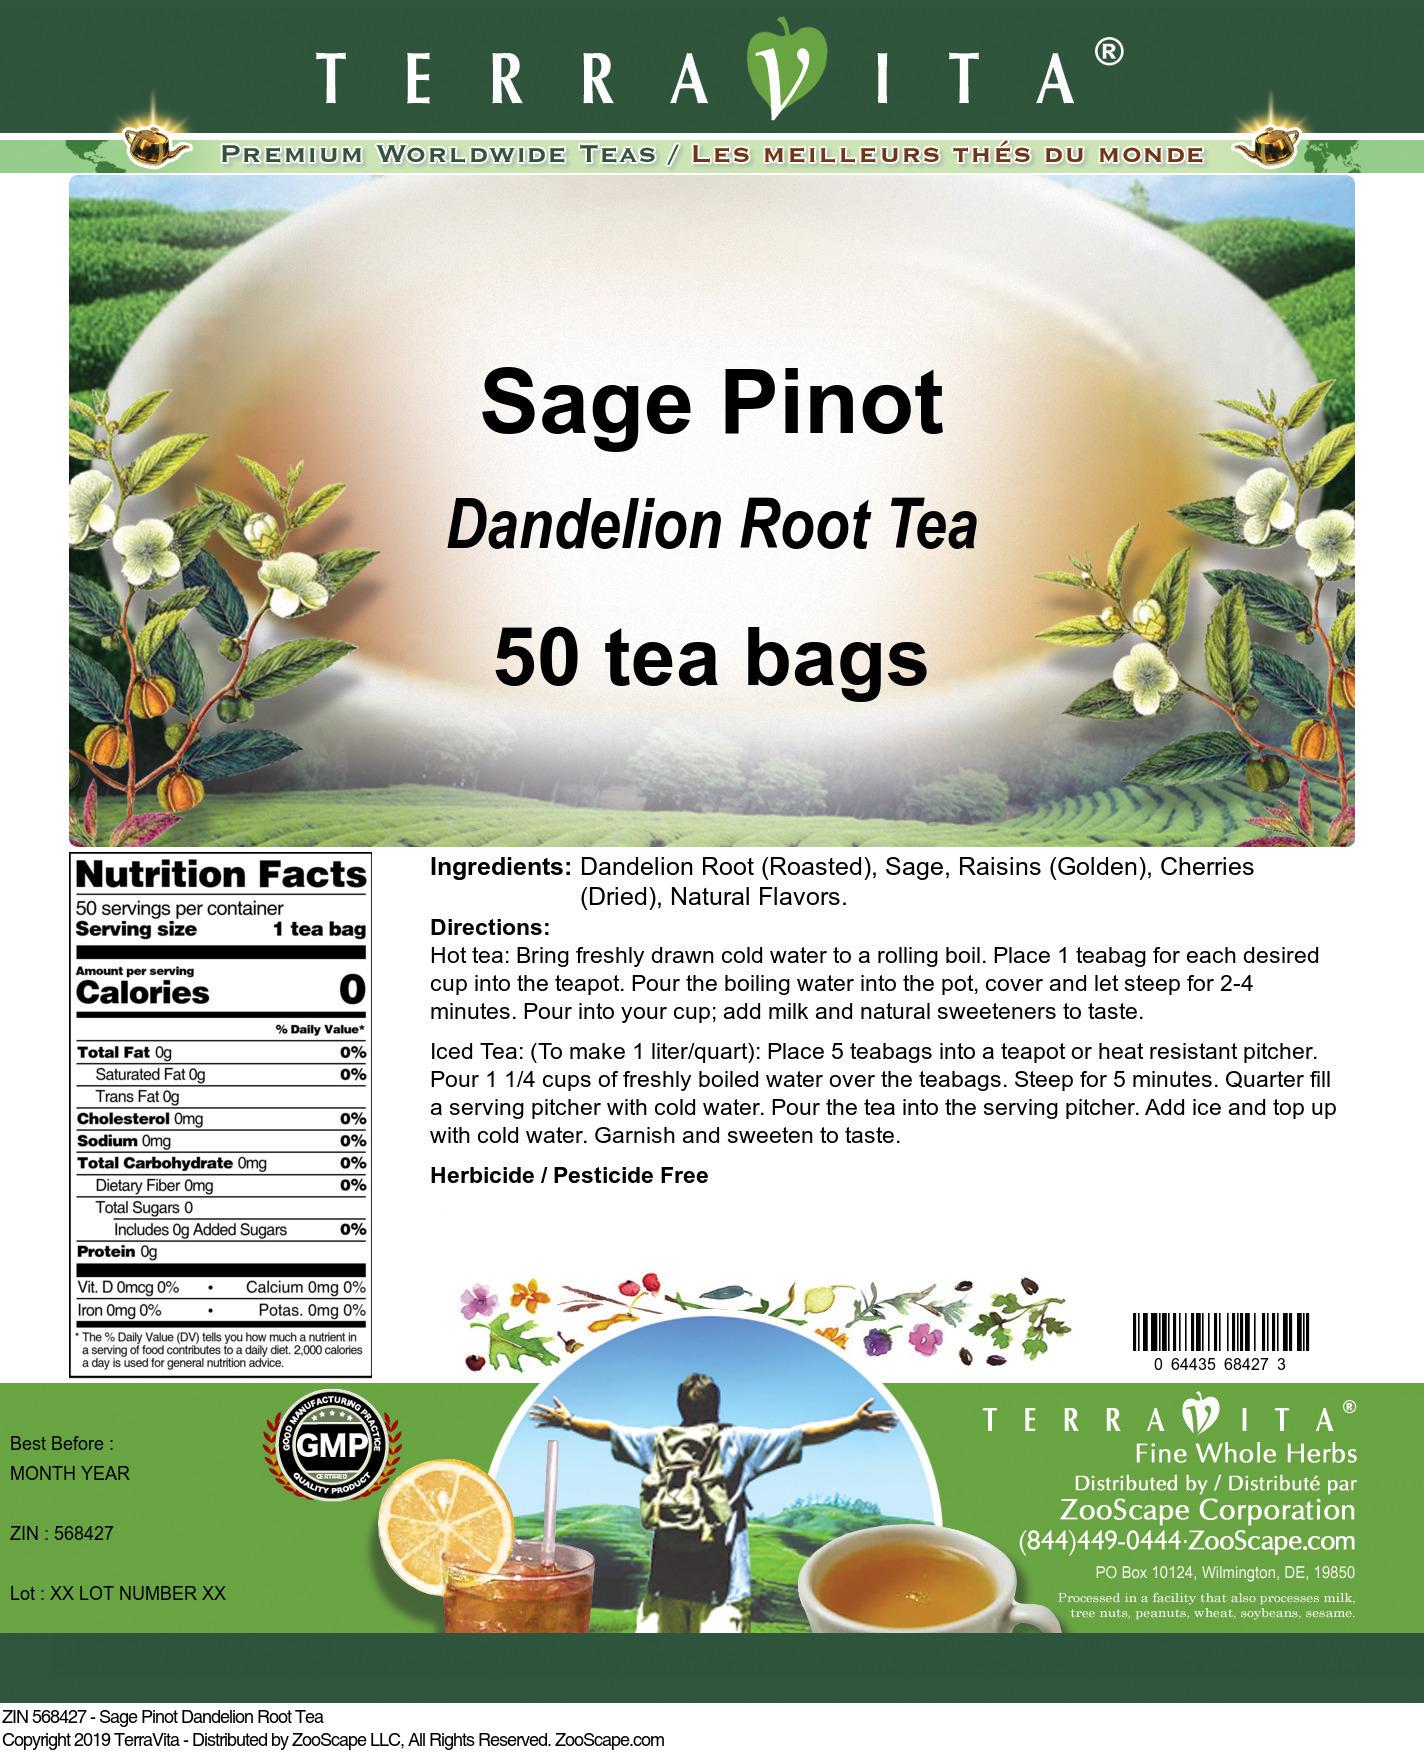 Sage Pinot Dandelion Root